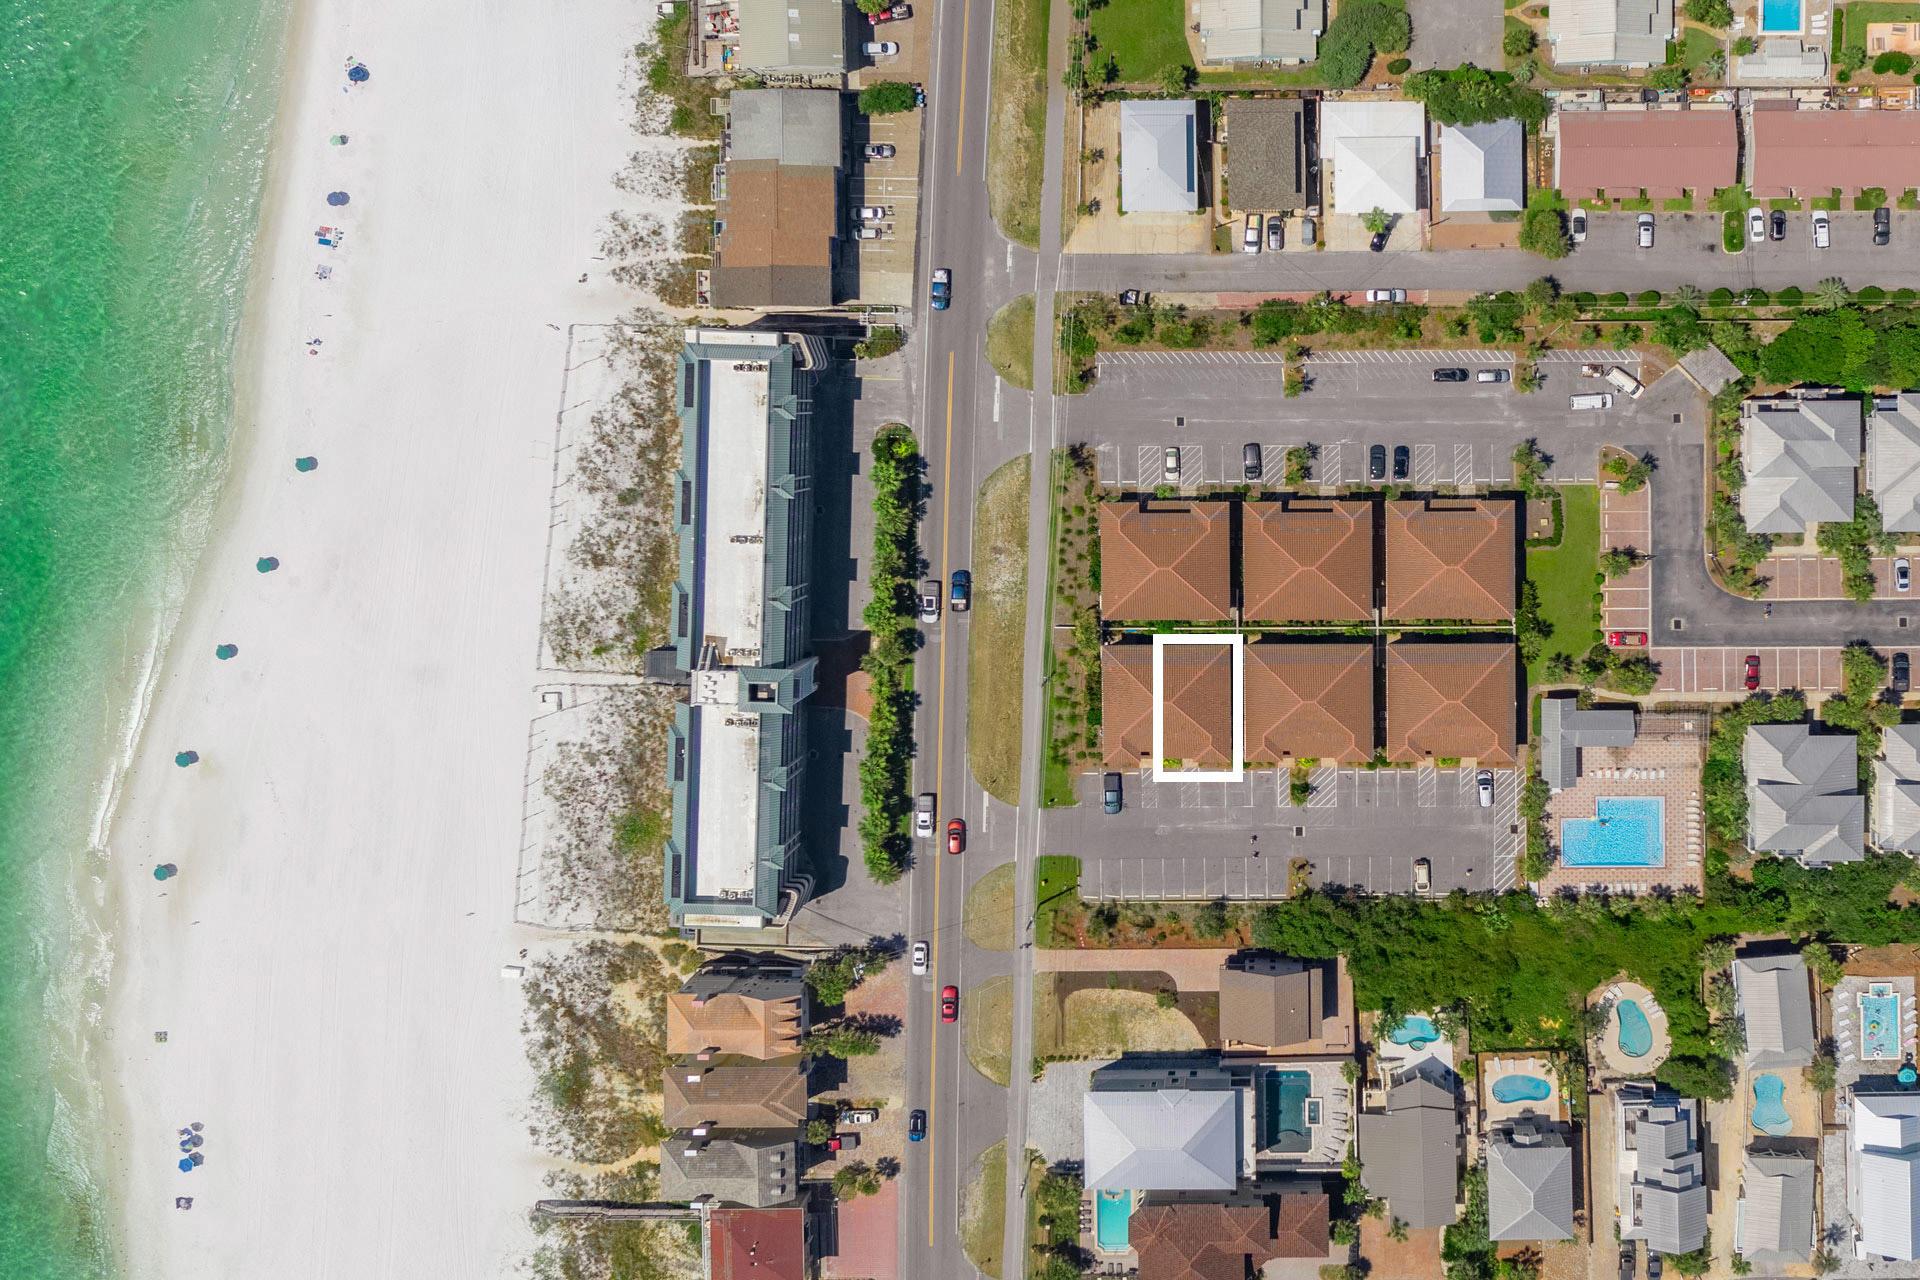 19-Drone-La-Terraza--Corta-Overhead